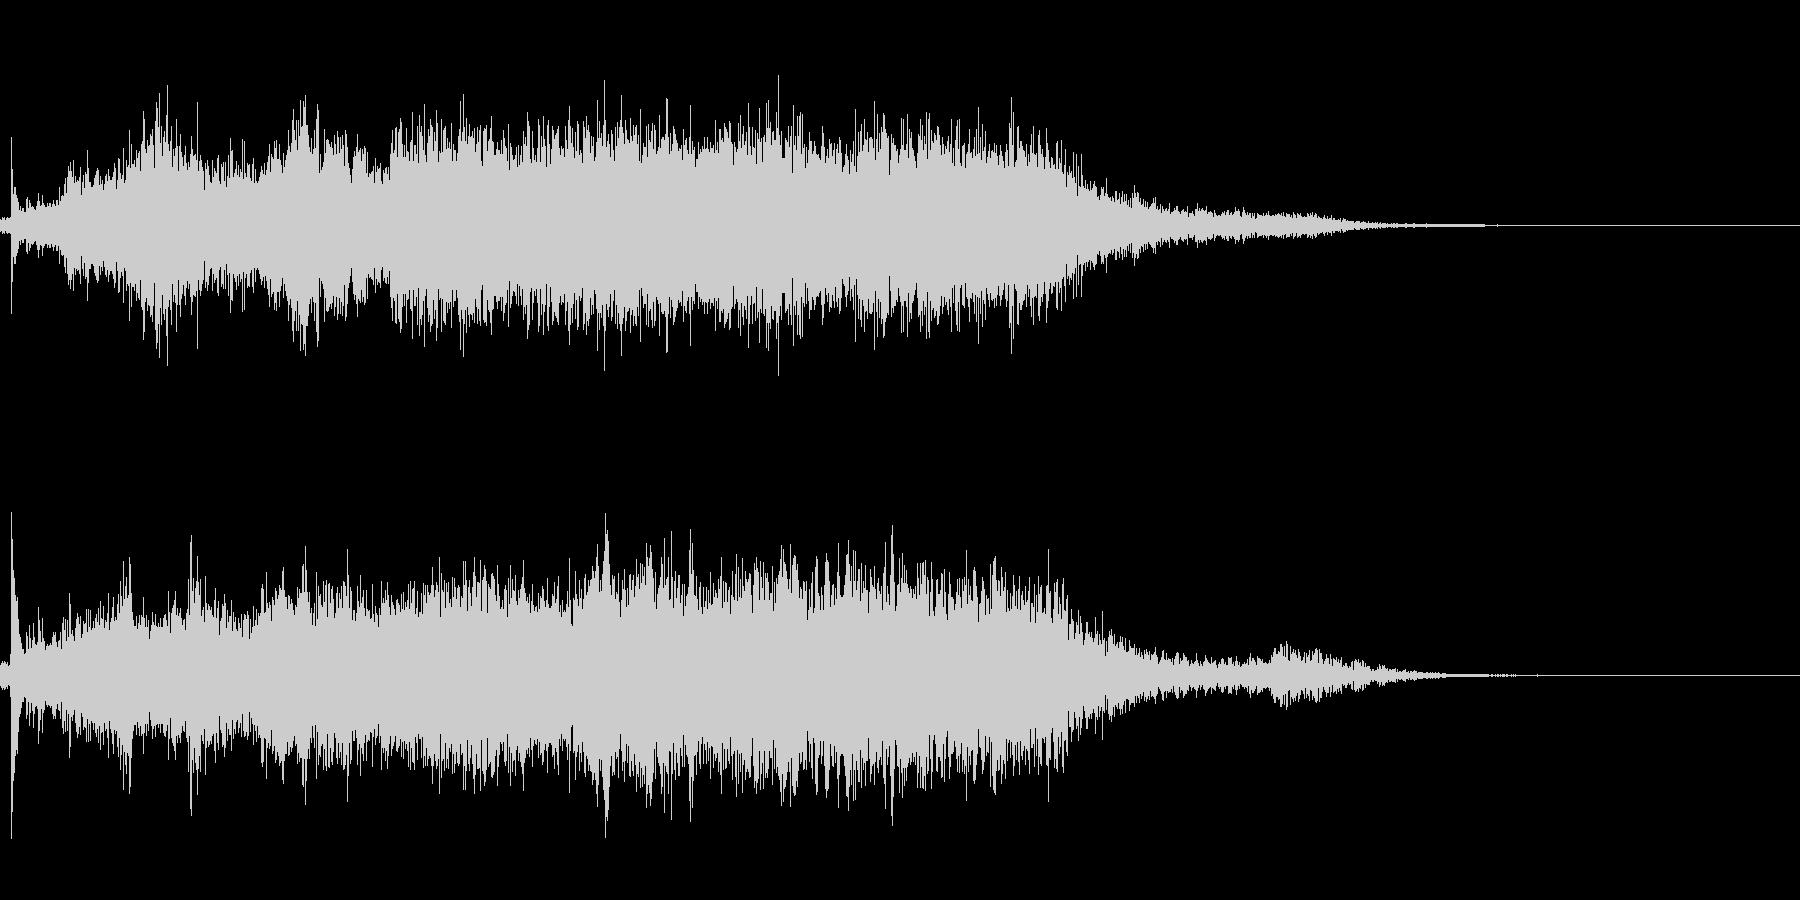 タイトルバック ホラー6の未再生の波形